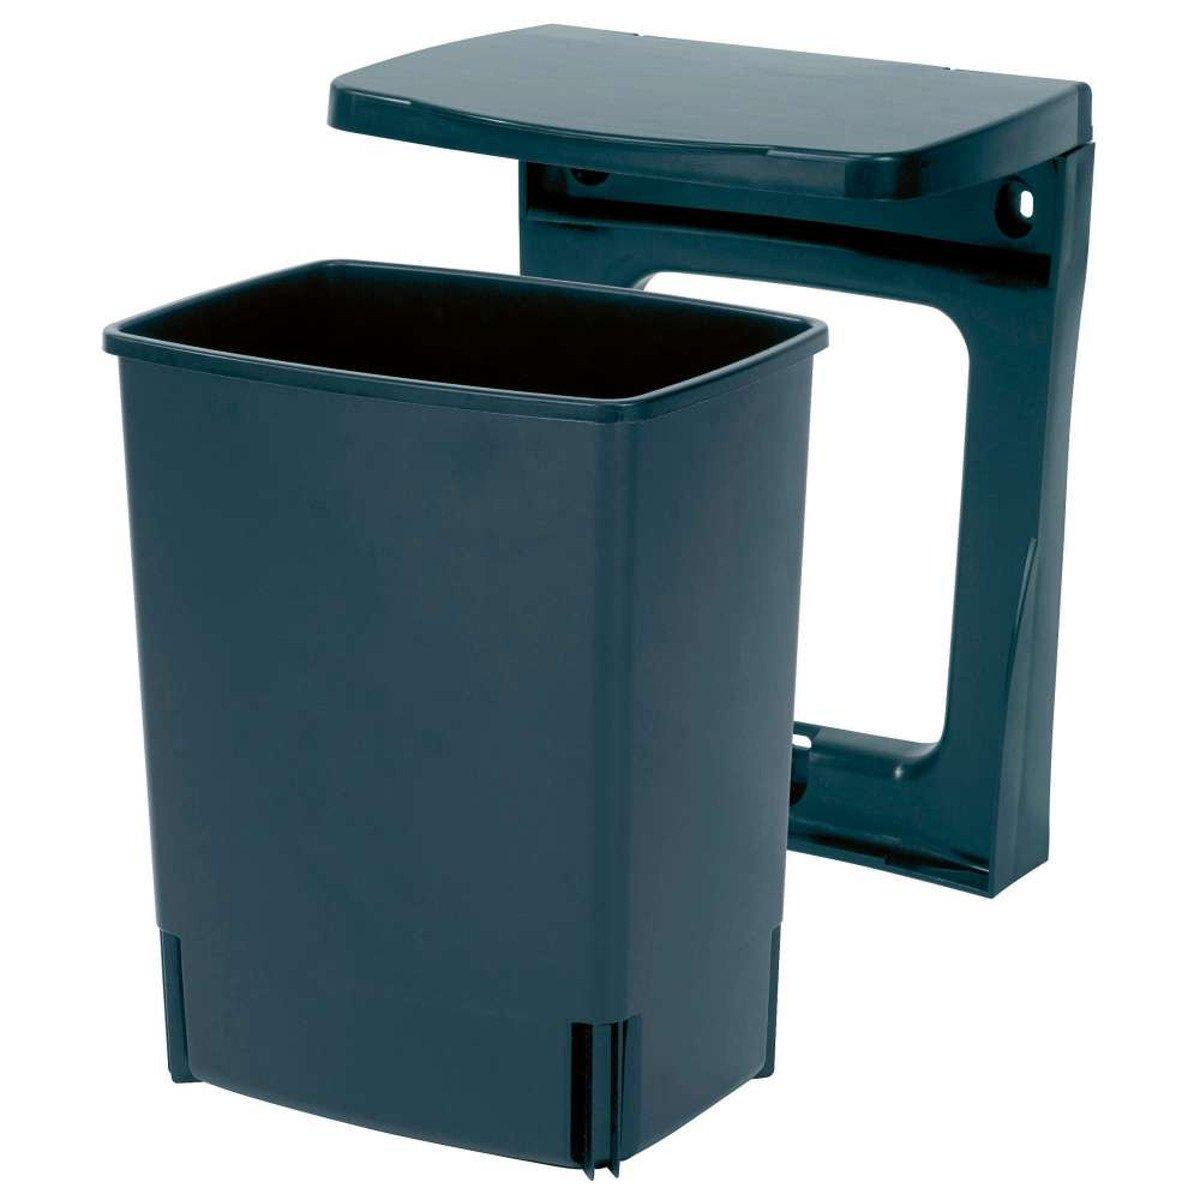 Brabantia 395246 - Cubo Interior de Plástico, 10 litros, Color Negro